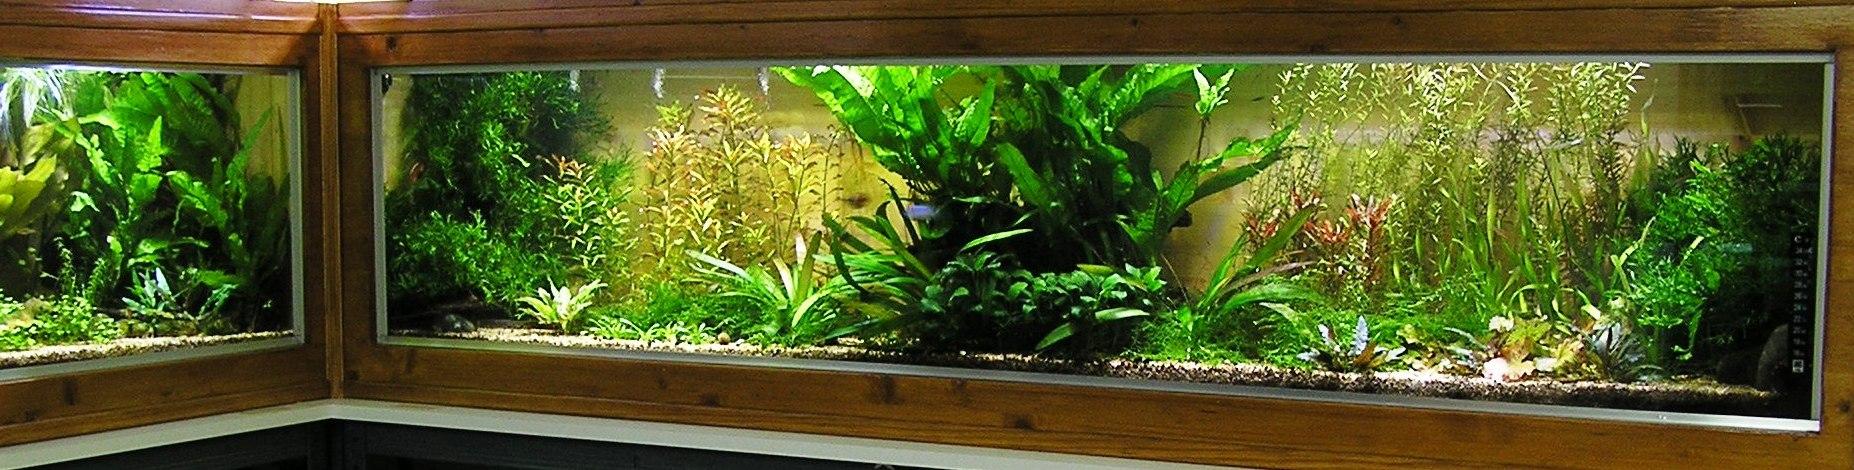 photo http://www.aquariophilie.org/images/article/Mon-aquarium-et-ses-secrets_a05312328_0.jpeg